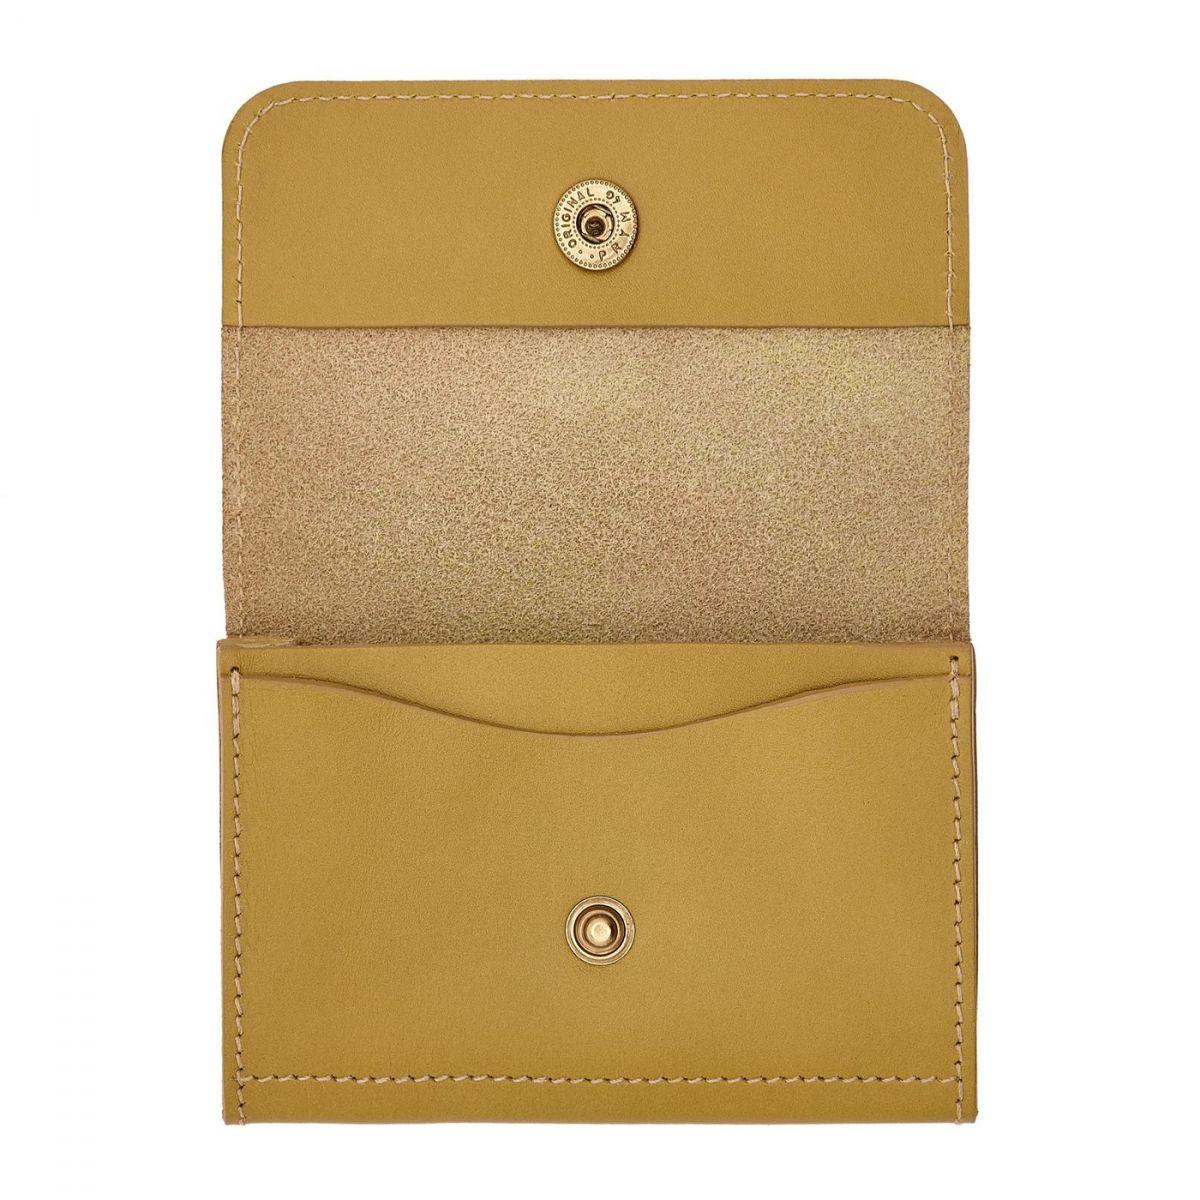 Porte-Cartes Piccolino en Cuir De Vachette SCC006 couleur Curry | Details